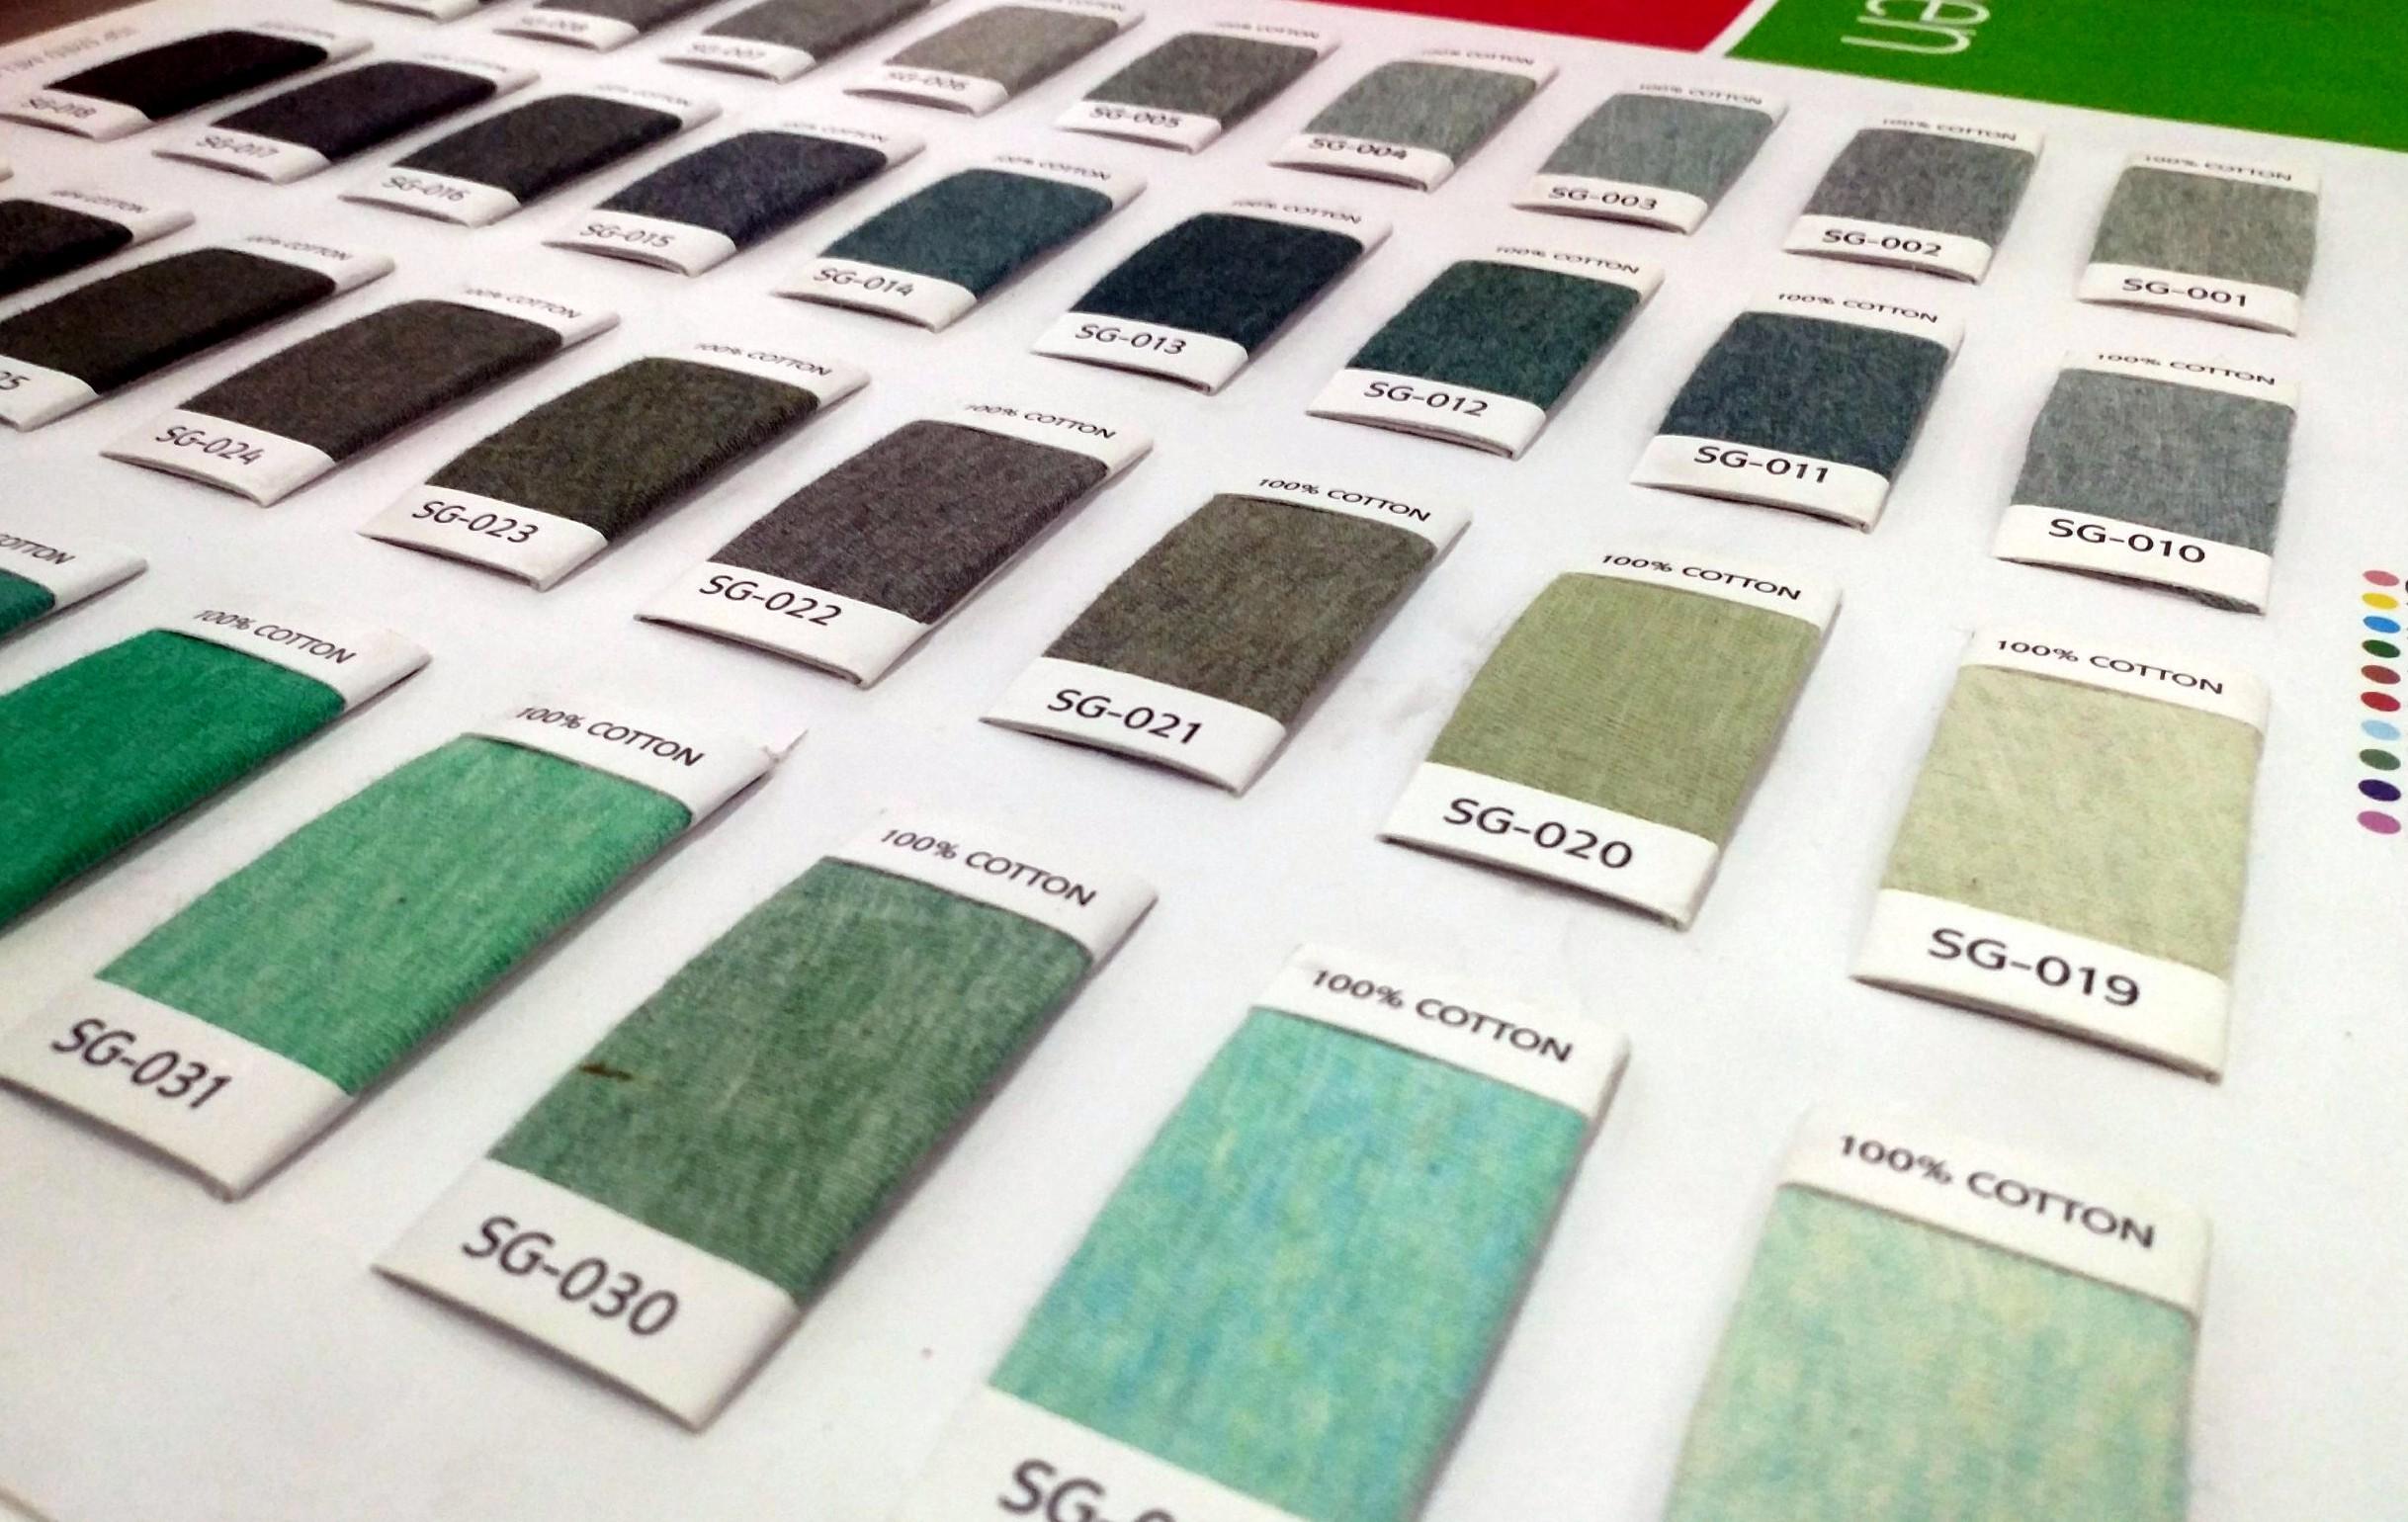 Bảng màu vải dùng sợi melange